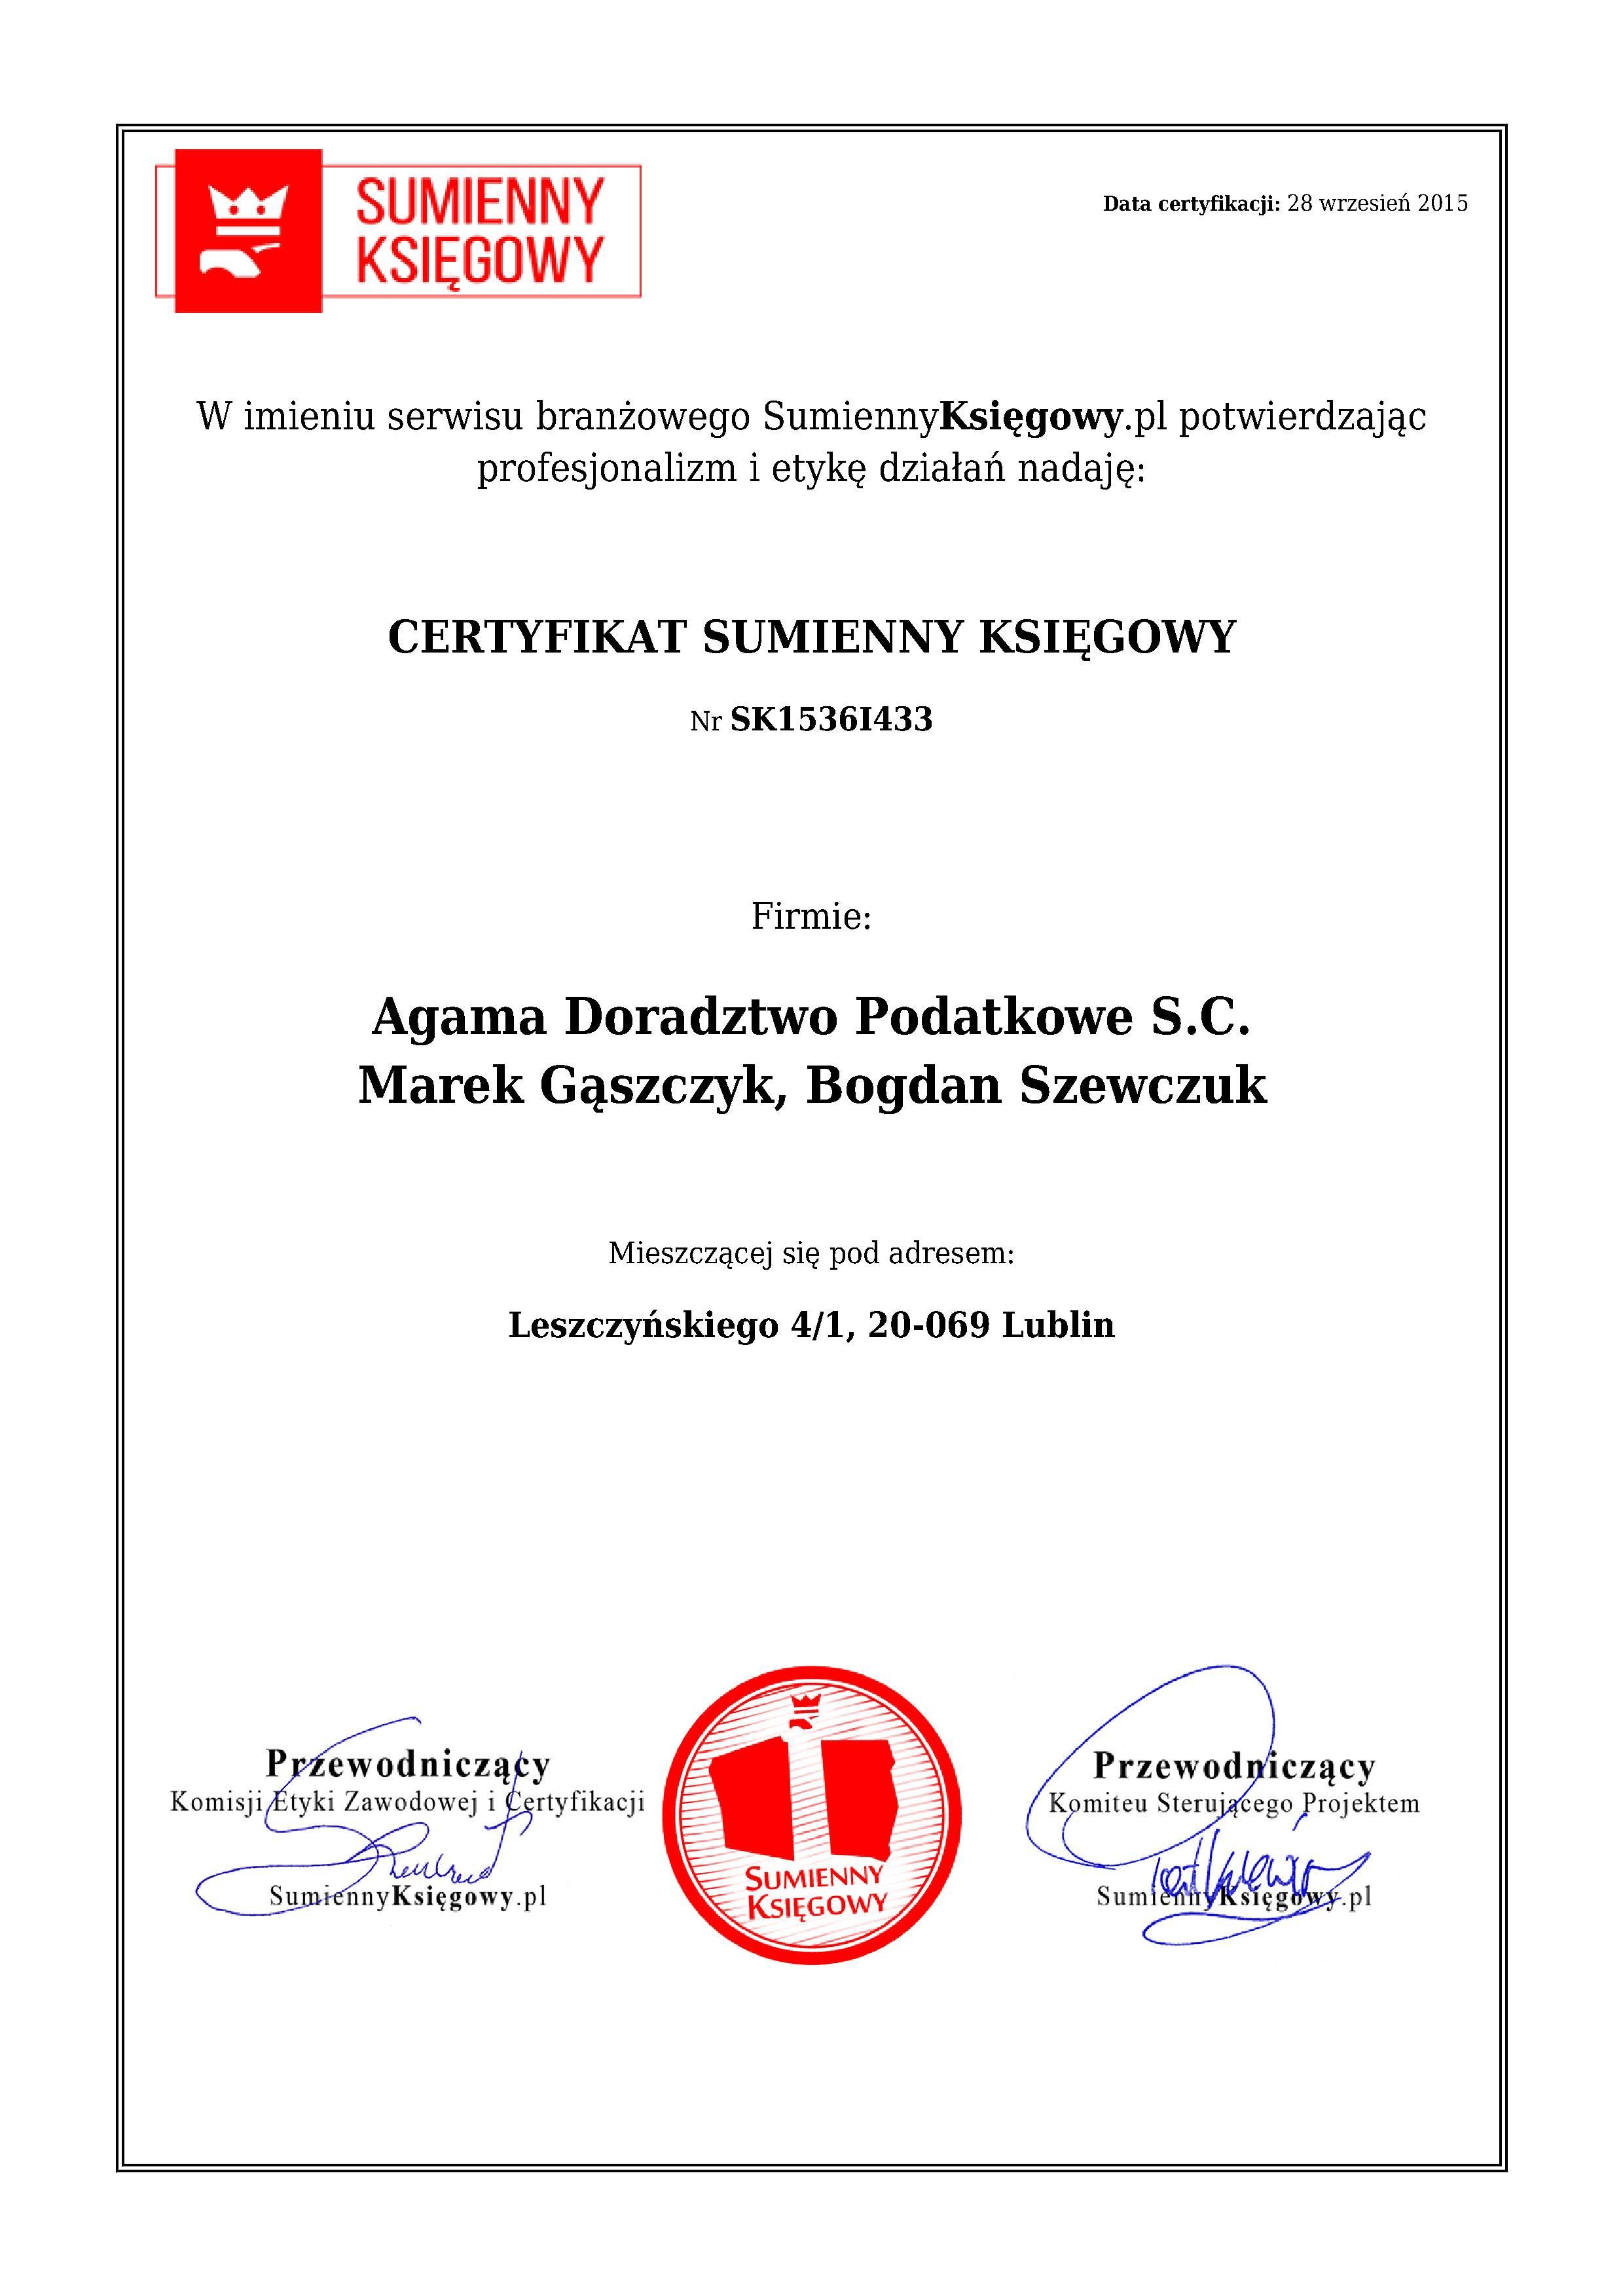 Certyfikat Agama Doradztwo Podatkowe S.C. Marek Gąszczyk, Bogdan Szewczuk